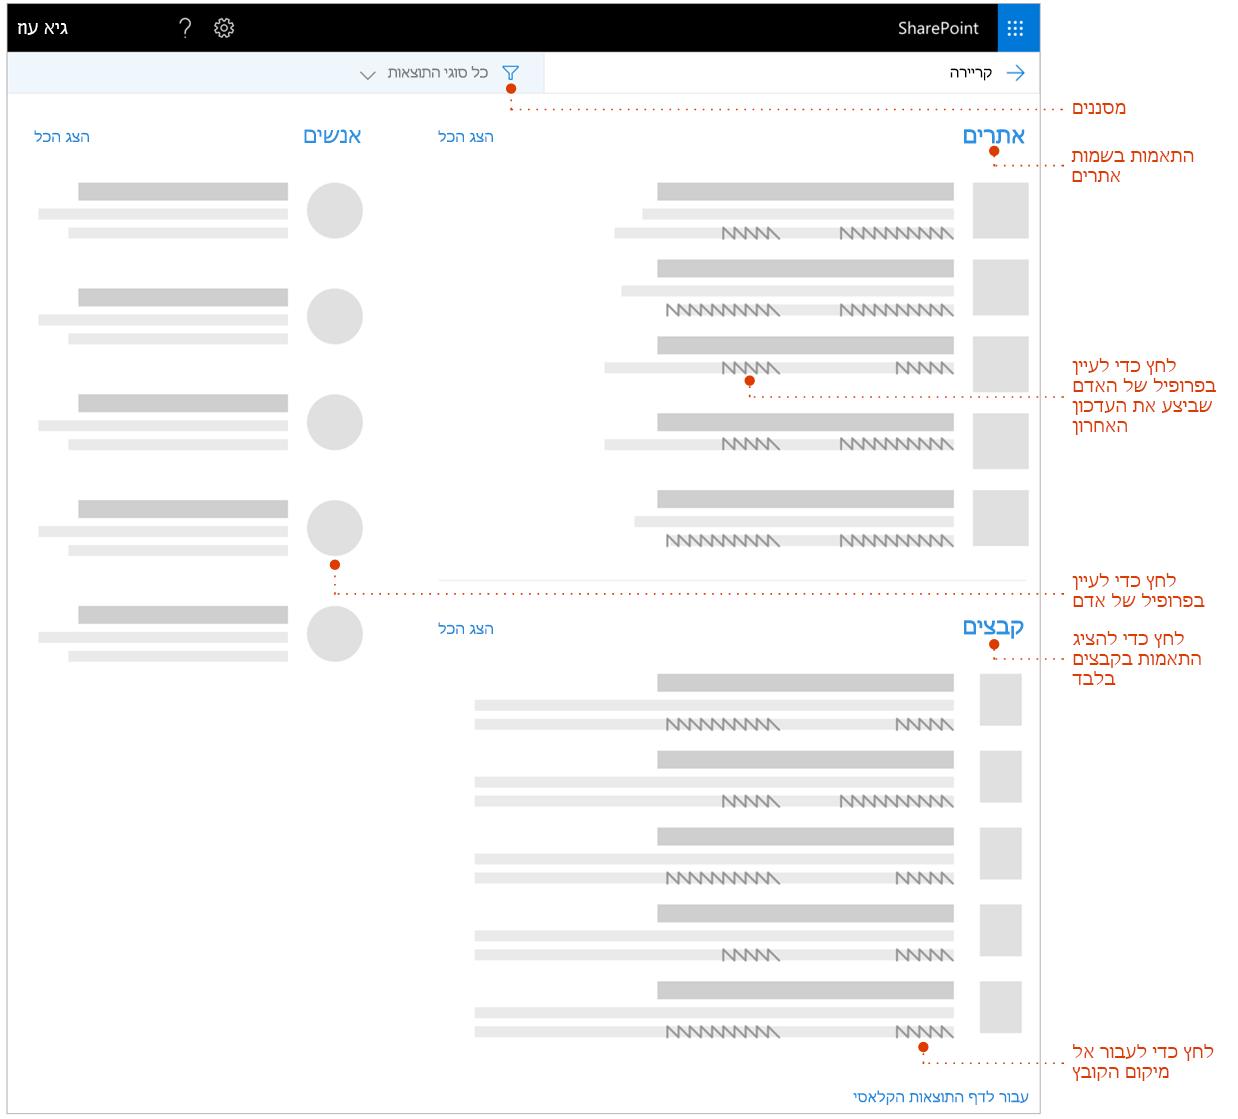 דף עם מצביעים על רכיבים לסייר תוצאות צילום מסך של החיפוש.